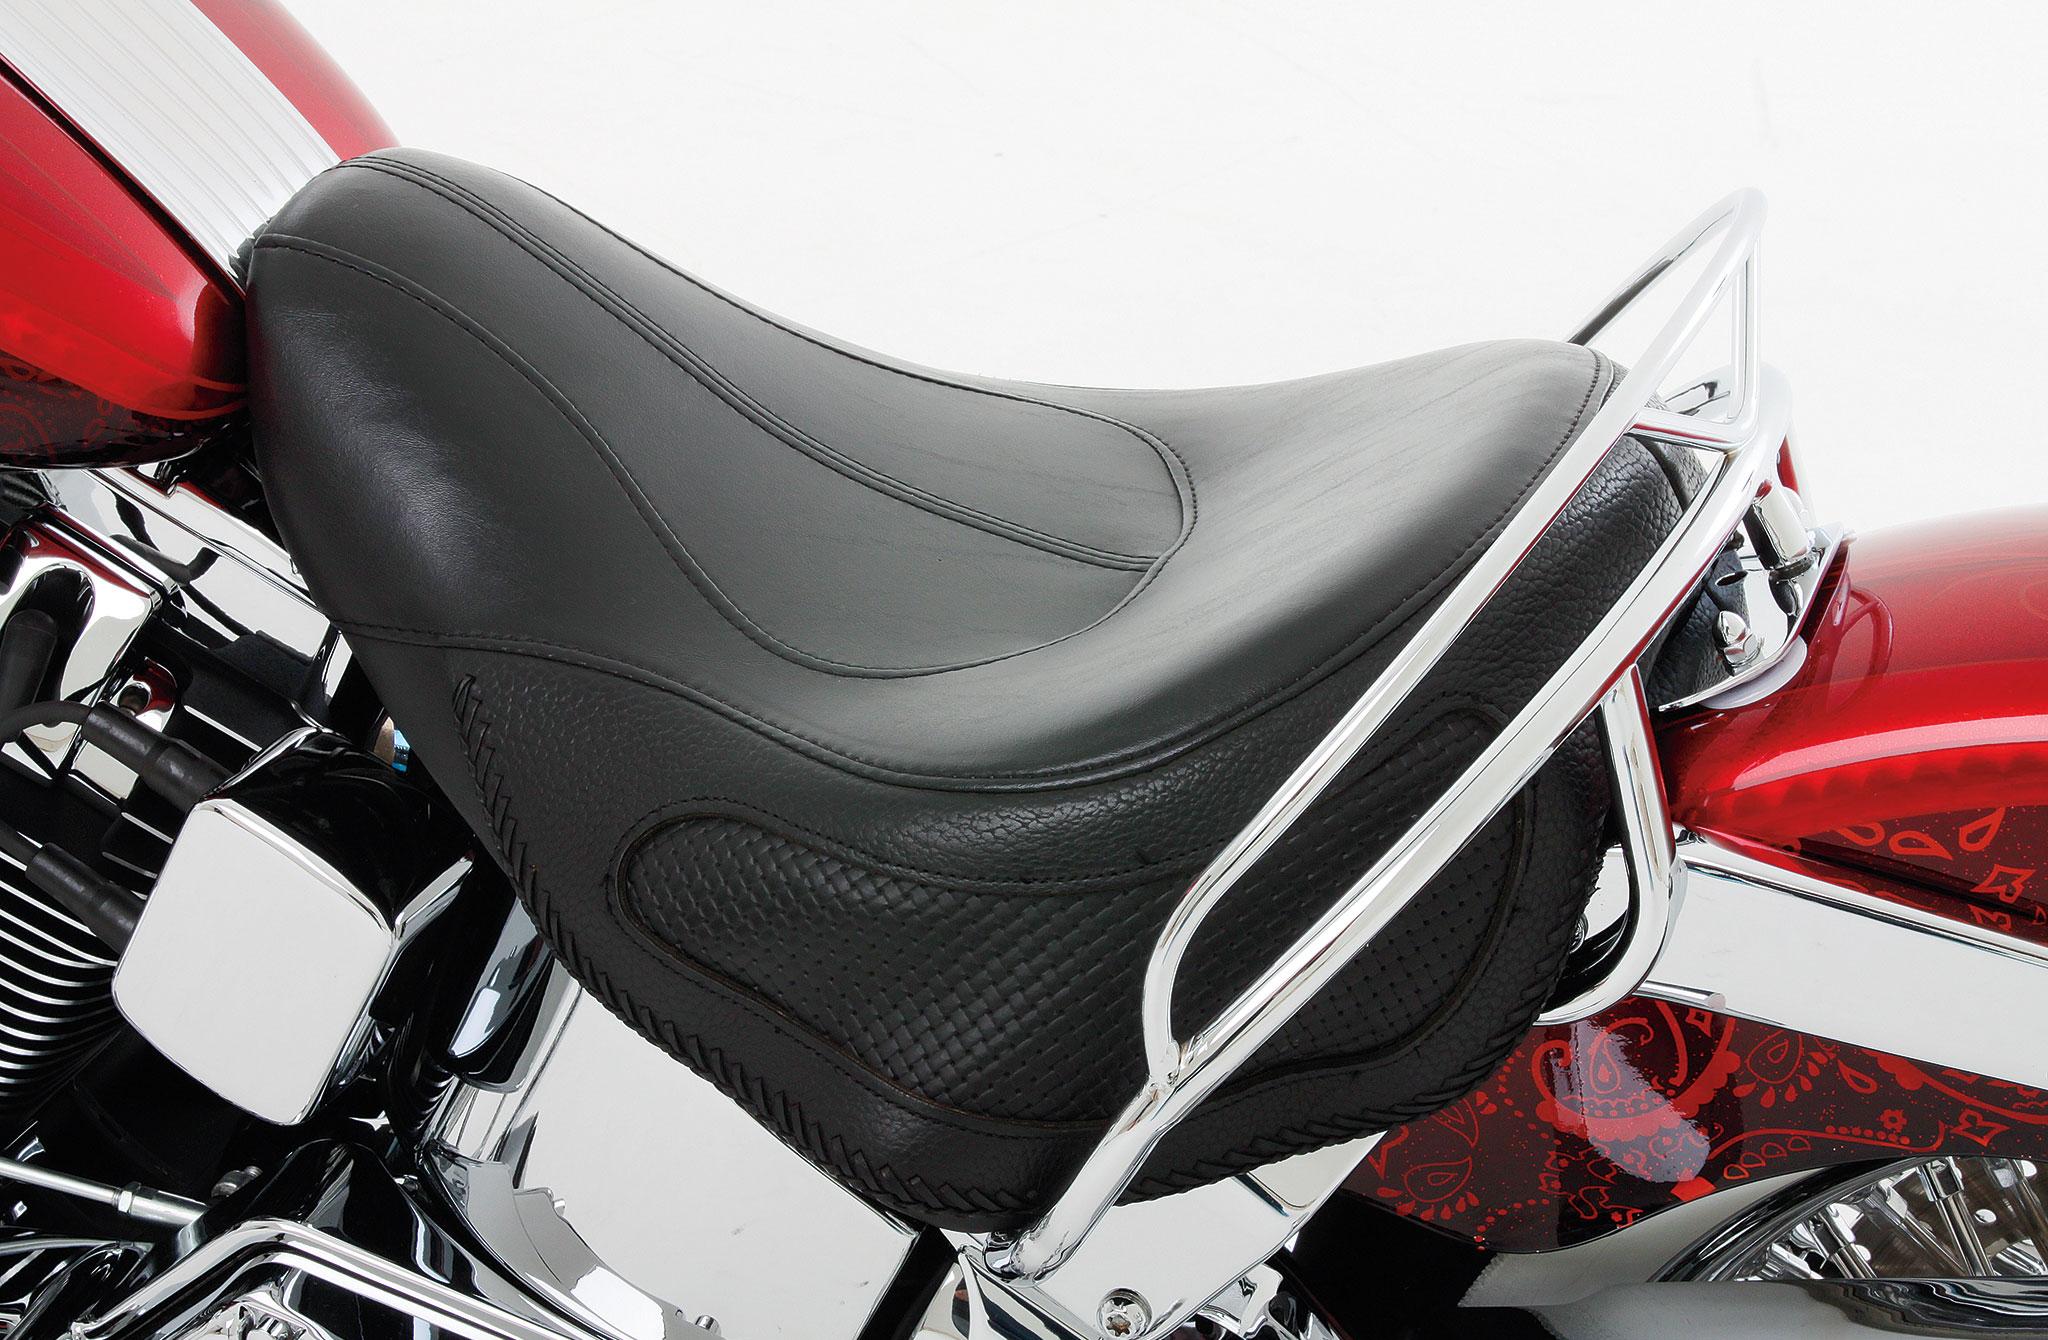 Harley Davidson Los Angeles >> 2005 Harley Davidson Softail Deluxe - Dia de Los Muertos - Lowrider